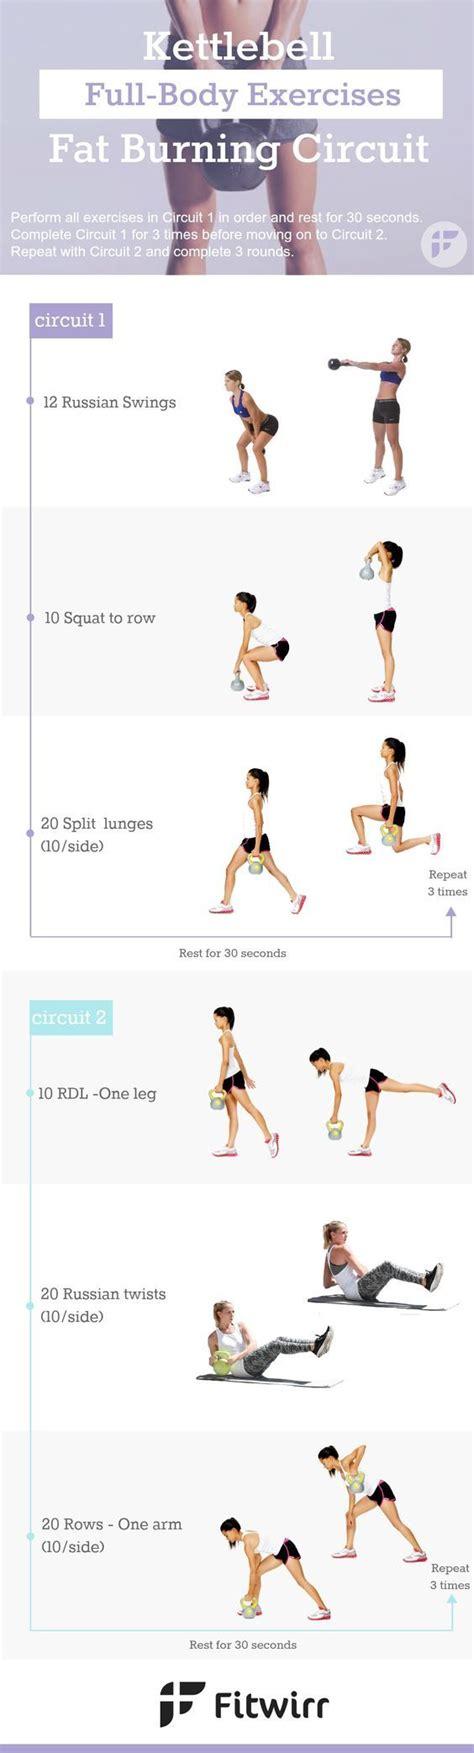 kettlebell body workout